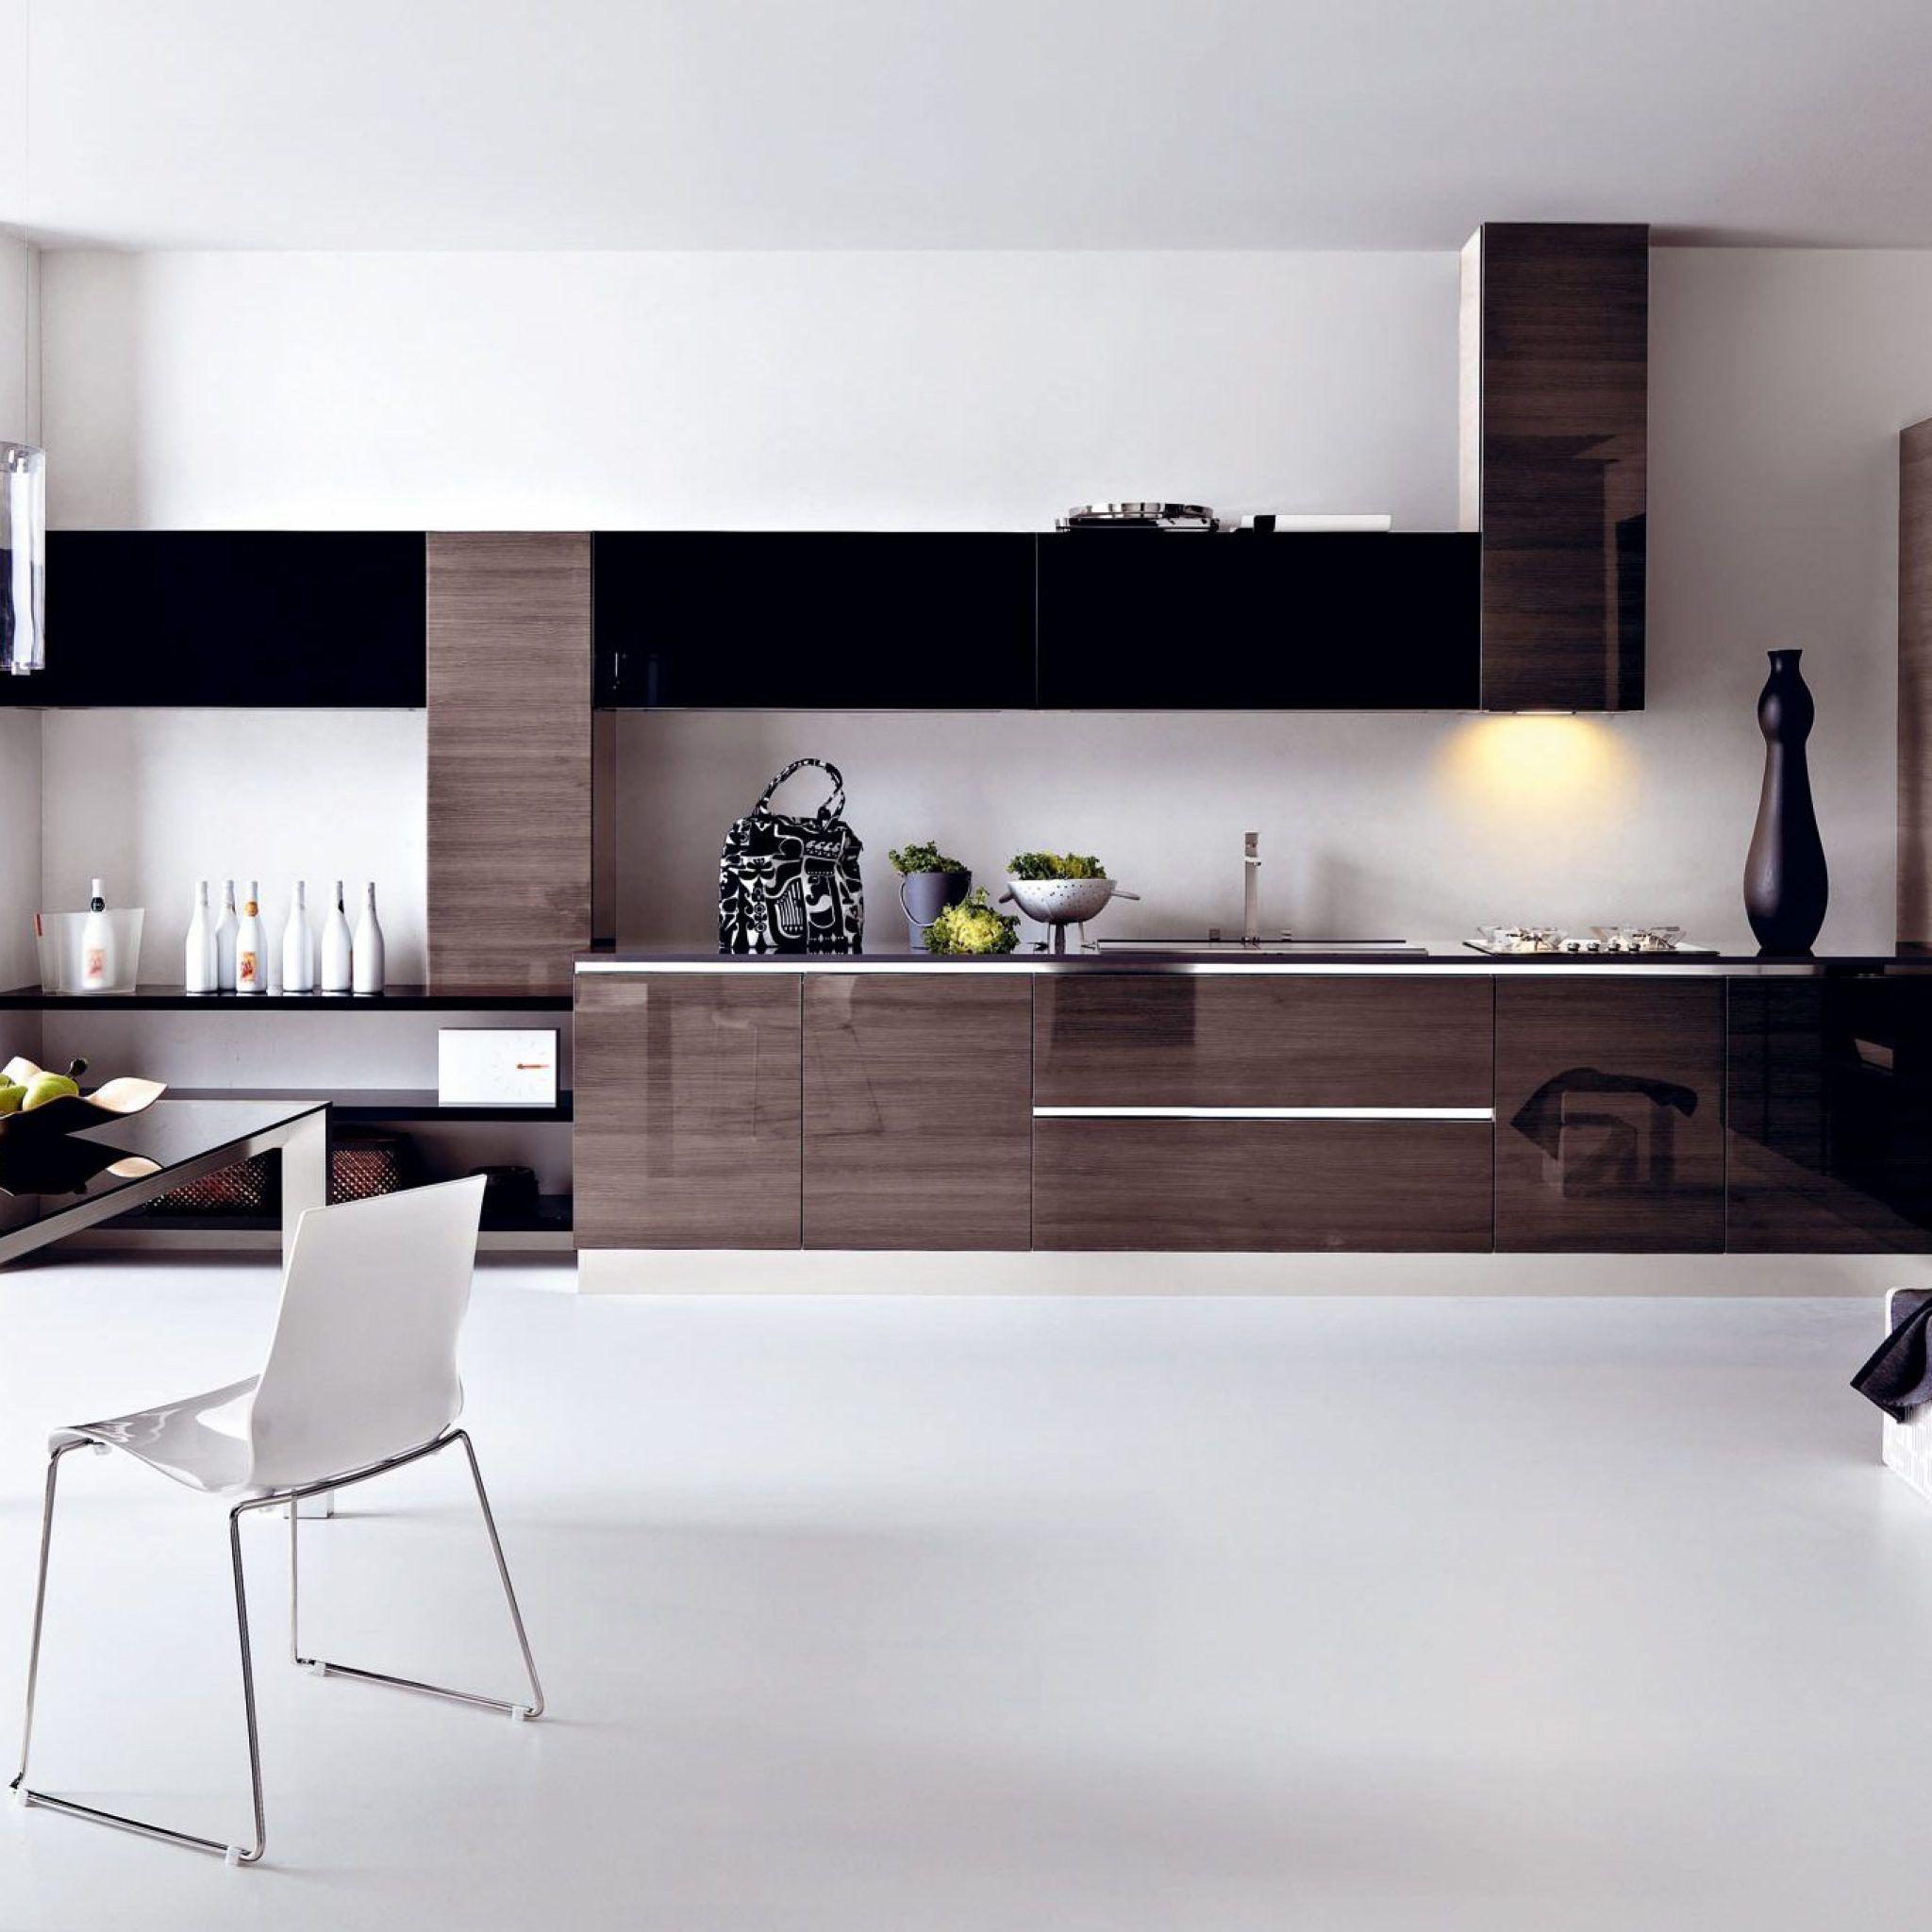 Moderne Kuche Designs Mit Hellen Farben Innenarchitektur Kuche Kuchen Design Moderne Kuche